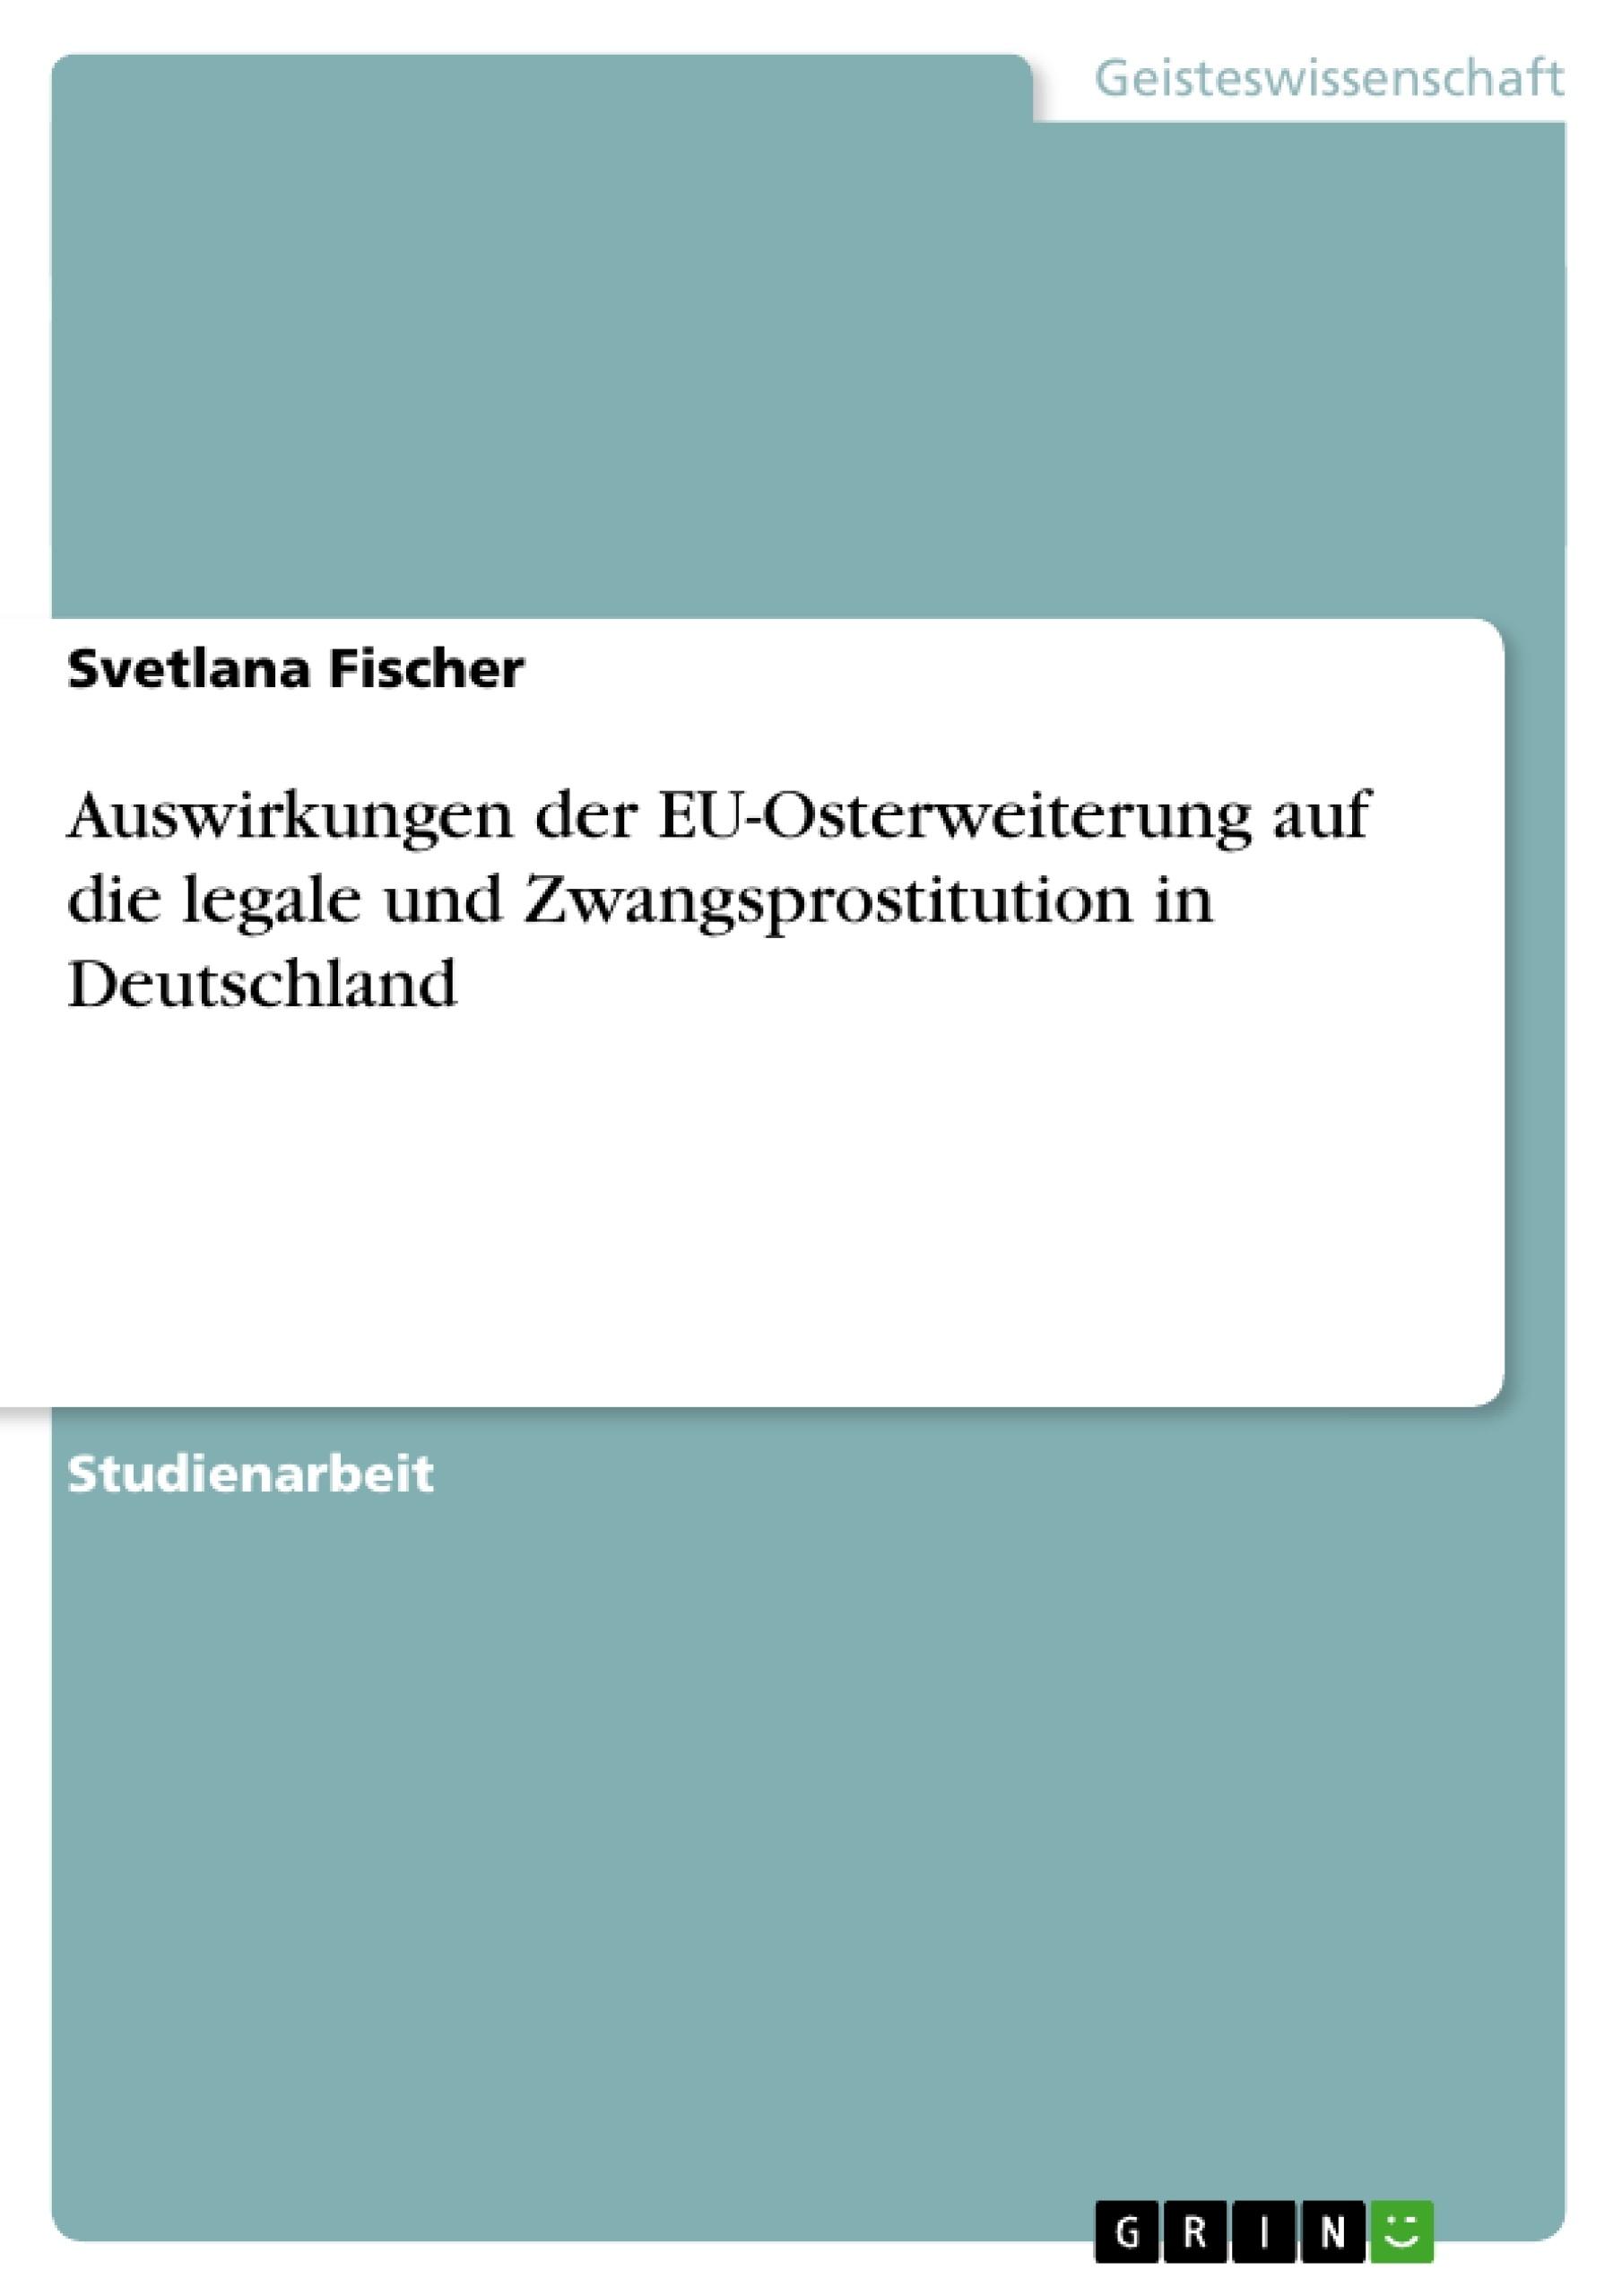 Titel: Auswirkungen der EU-Osterweiterung auf die legale und Zwangsprostitution in Deutschland